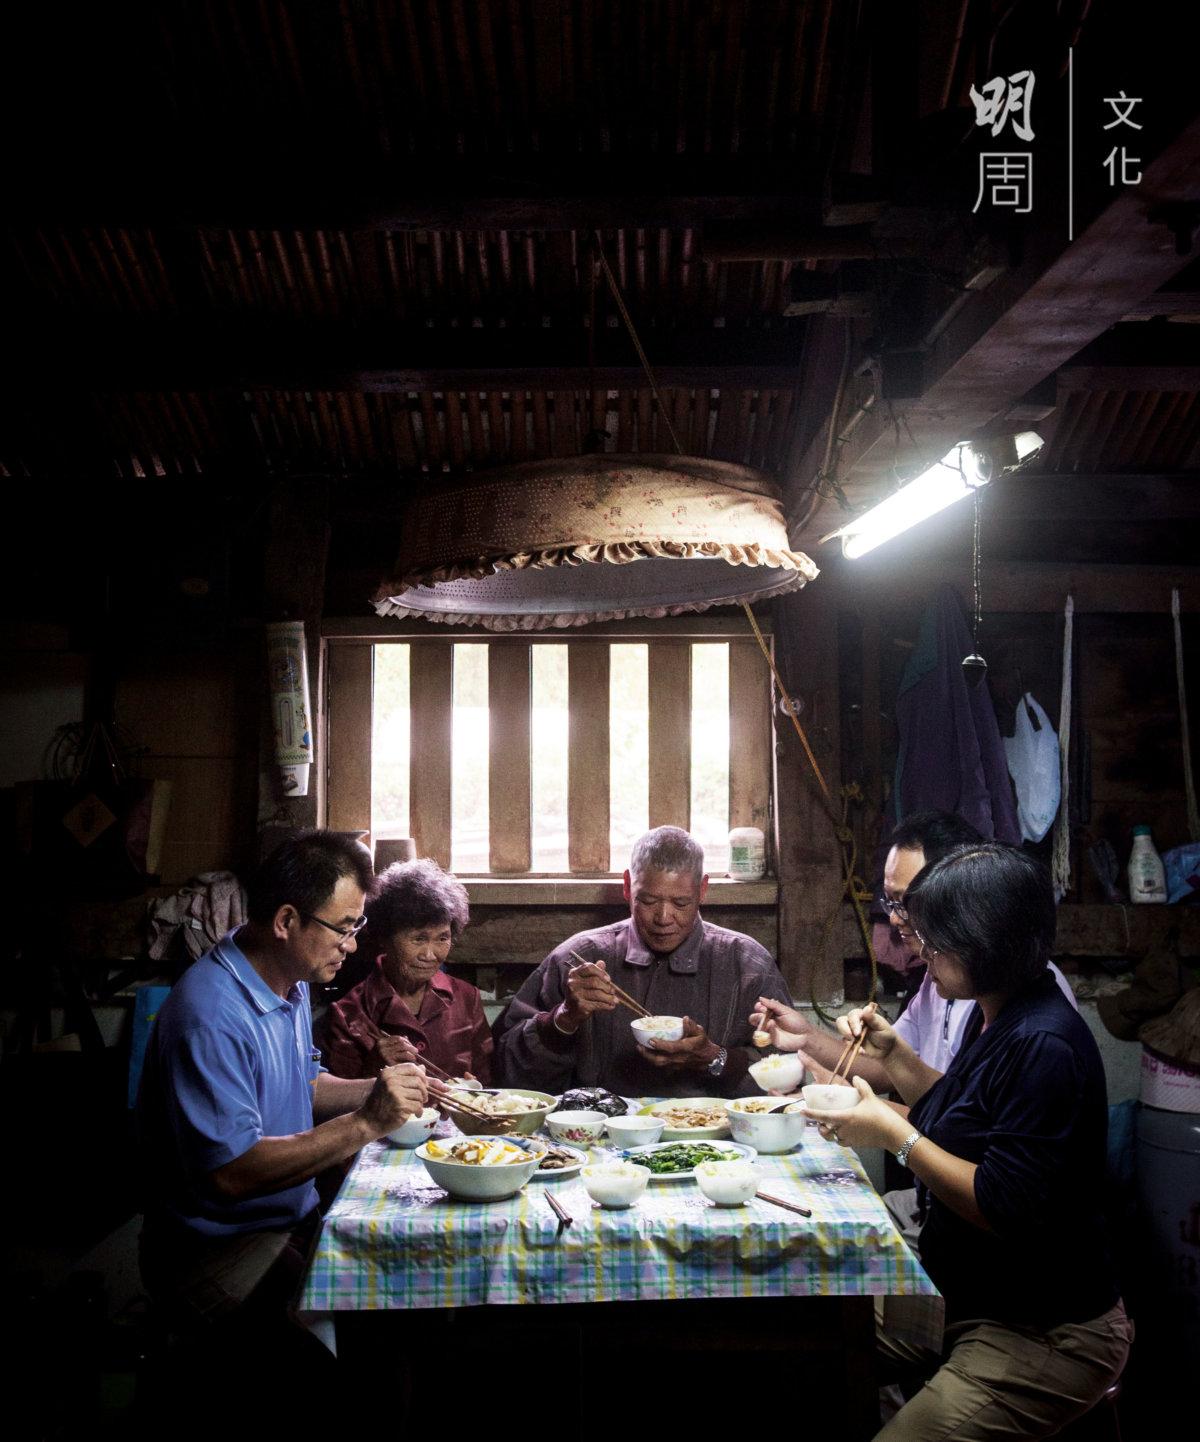 賴兆炫和梁美智(前)經常到山上探望有機稻農,聆聽他們的困難,鼓勵他們不要離開有機耕種的路。